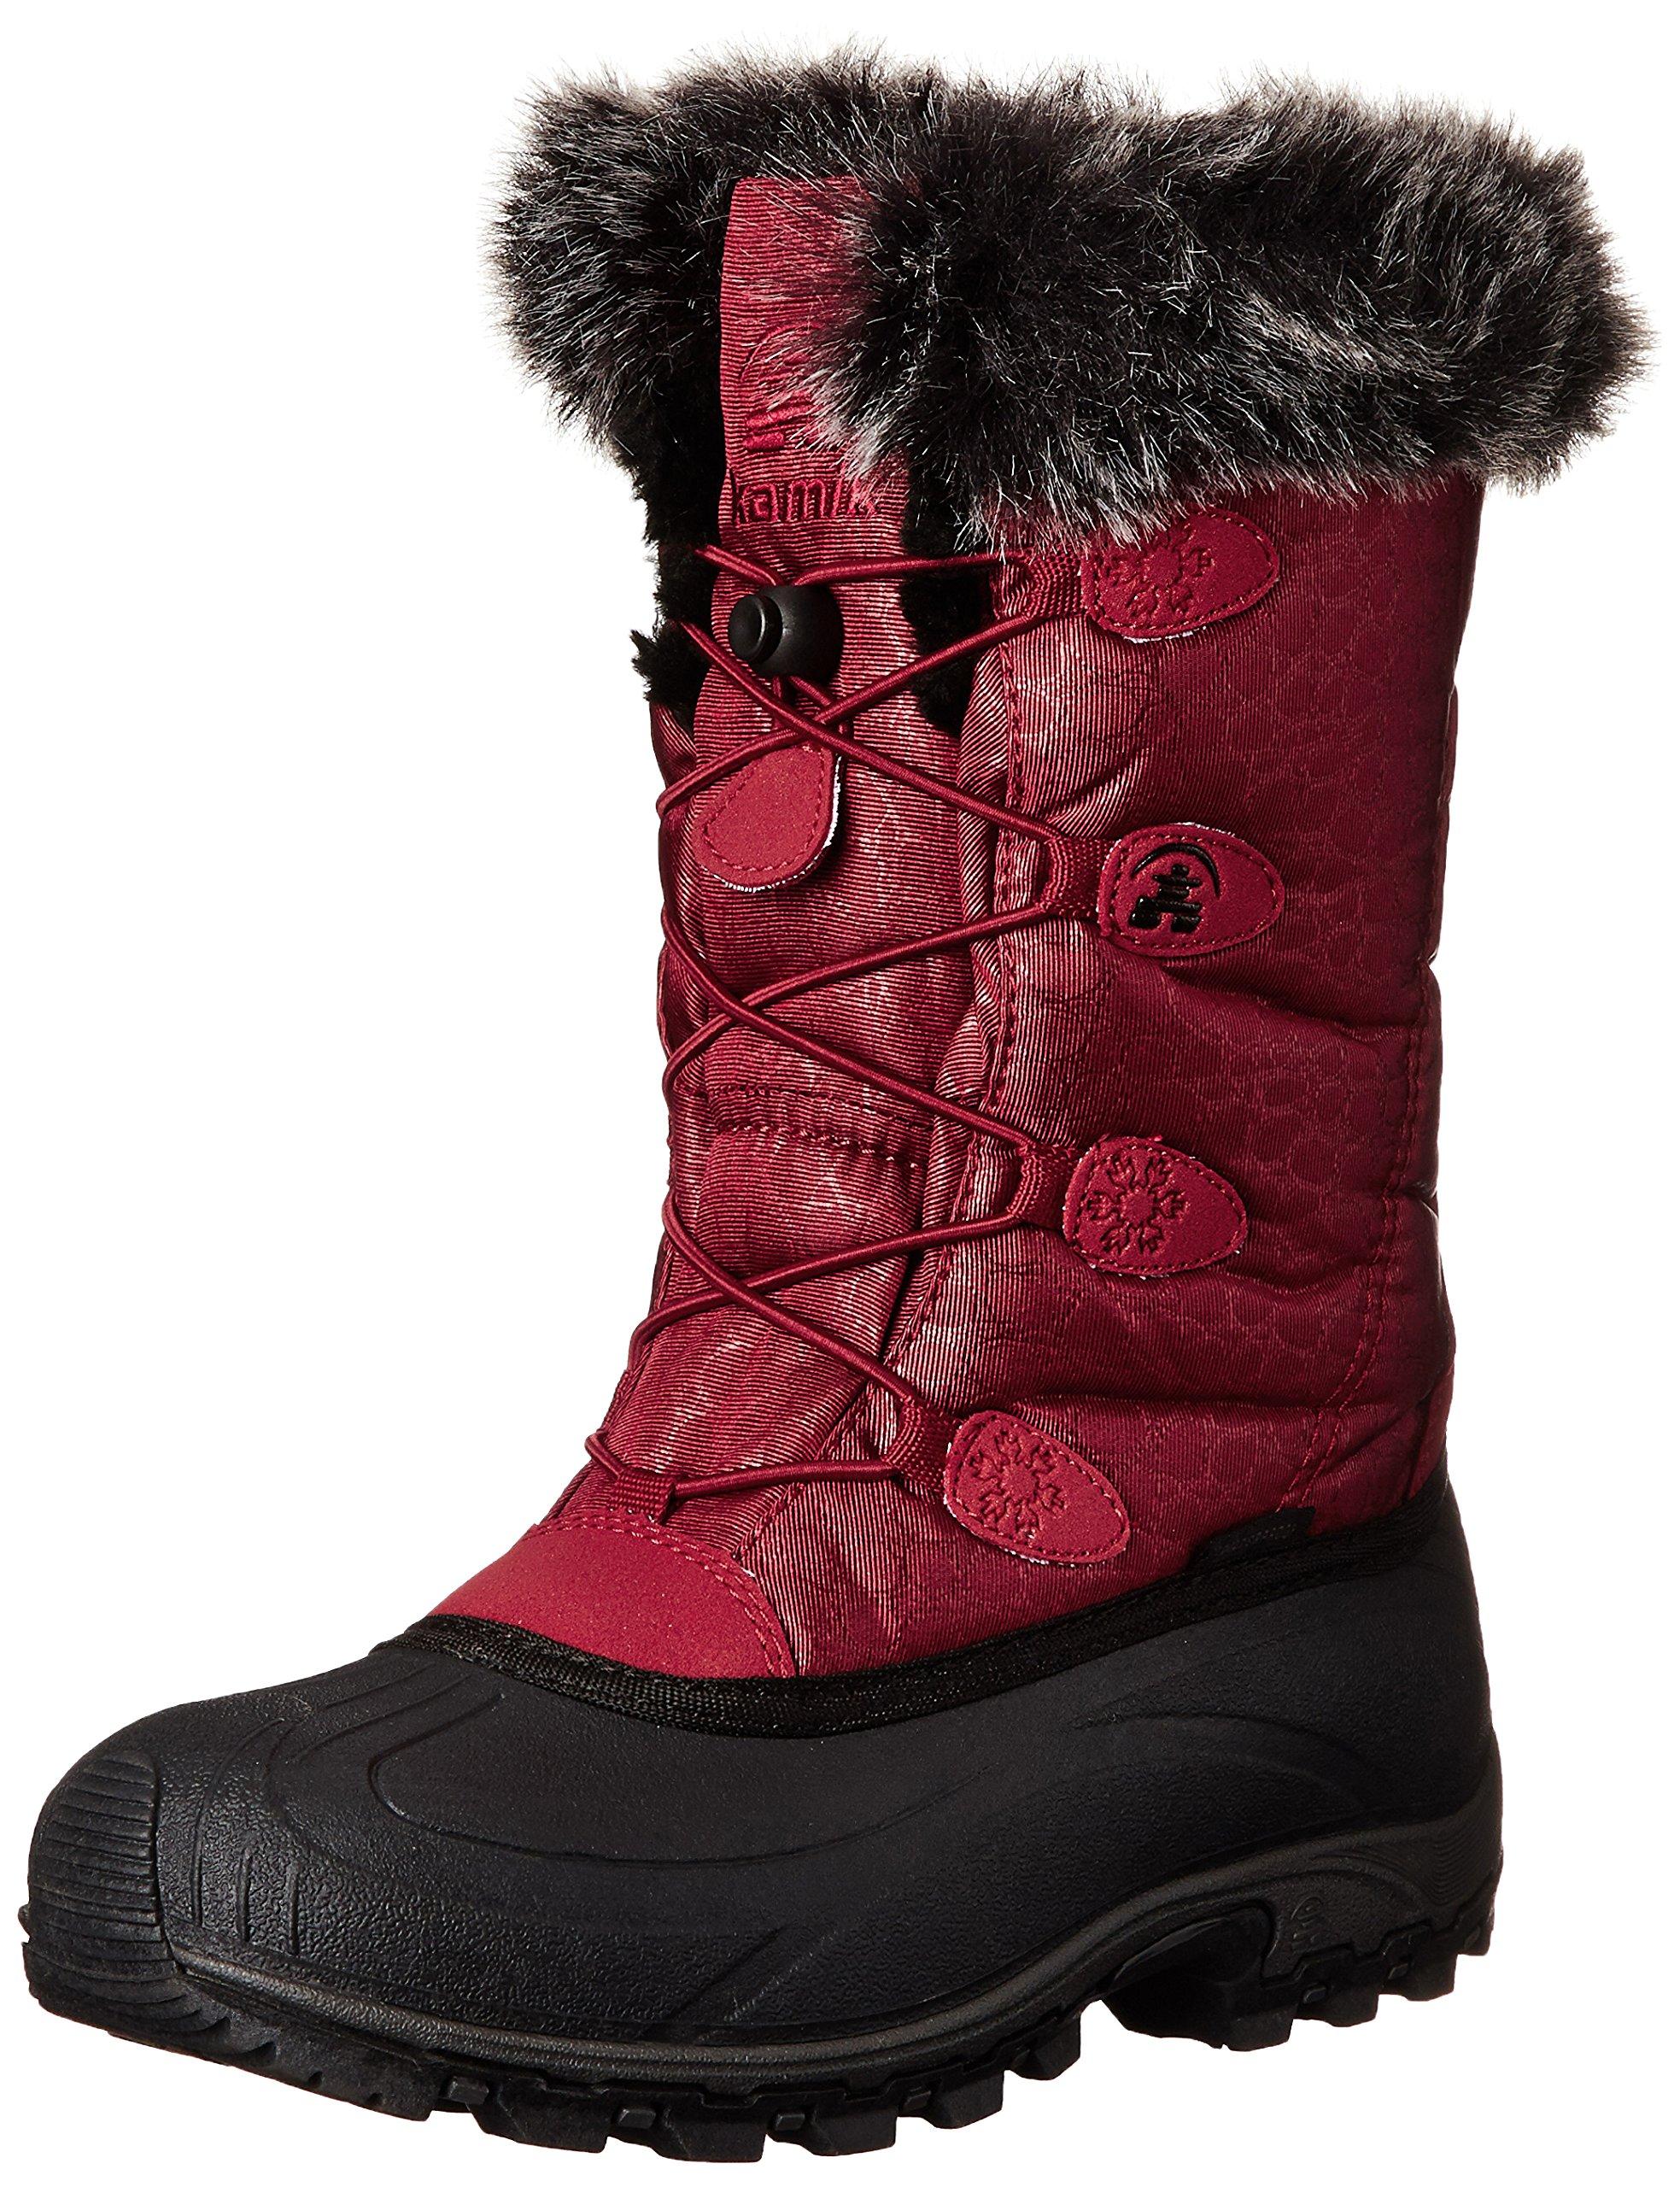 Kamik Women's Momentum Insulated Winter Boot, Dark Red, 7 M US